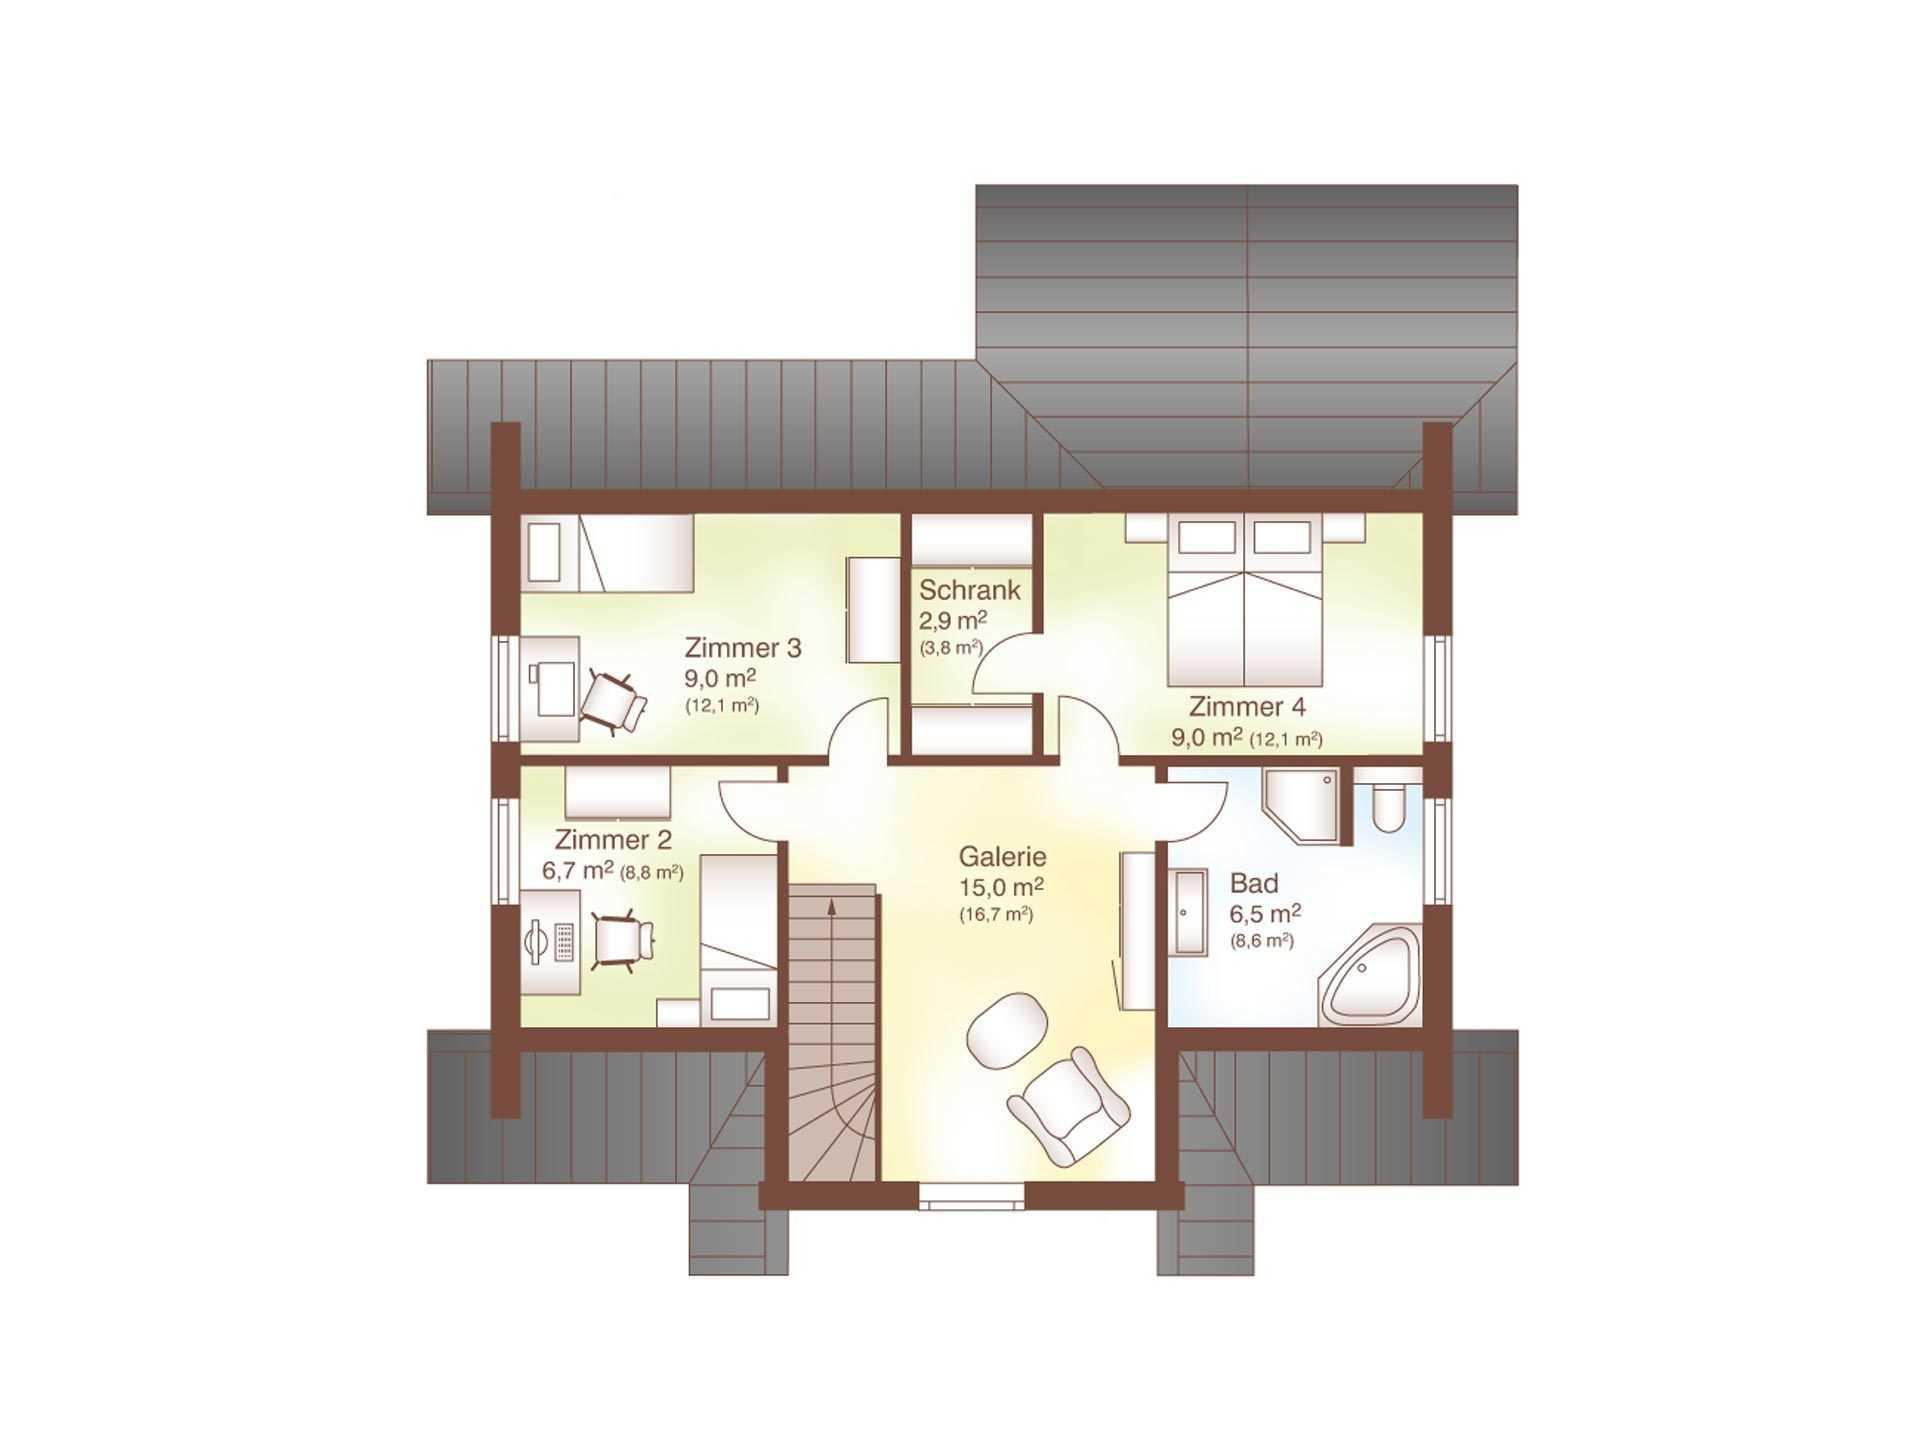 Schwedenhaus grundriss  Schwedenhaus bauen - Anbieter ✓ Infos ✓ Preise ✓